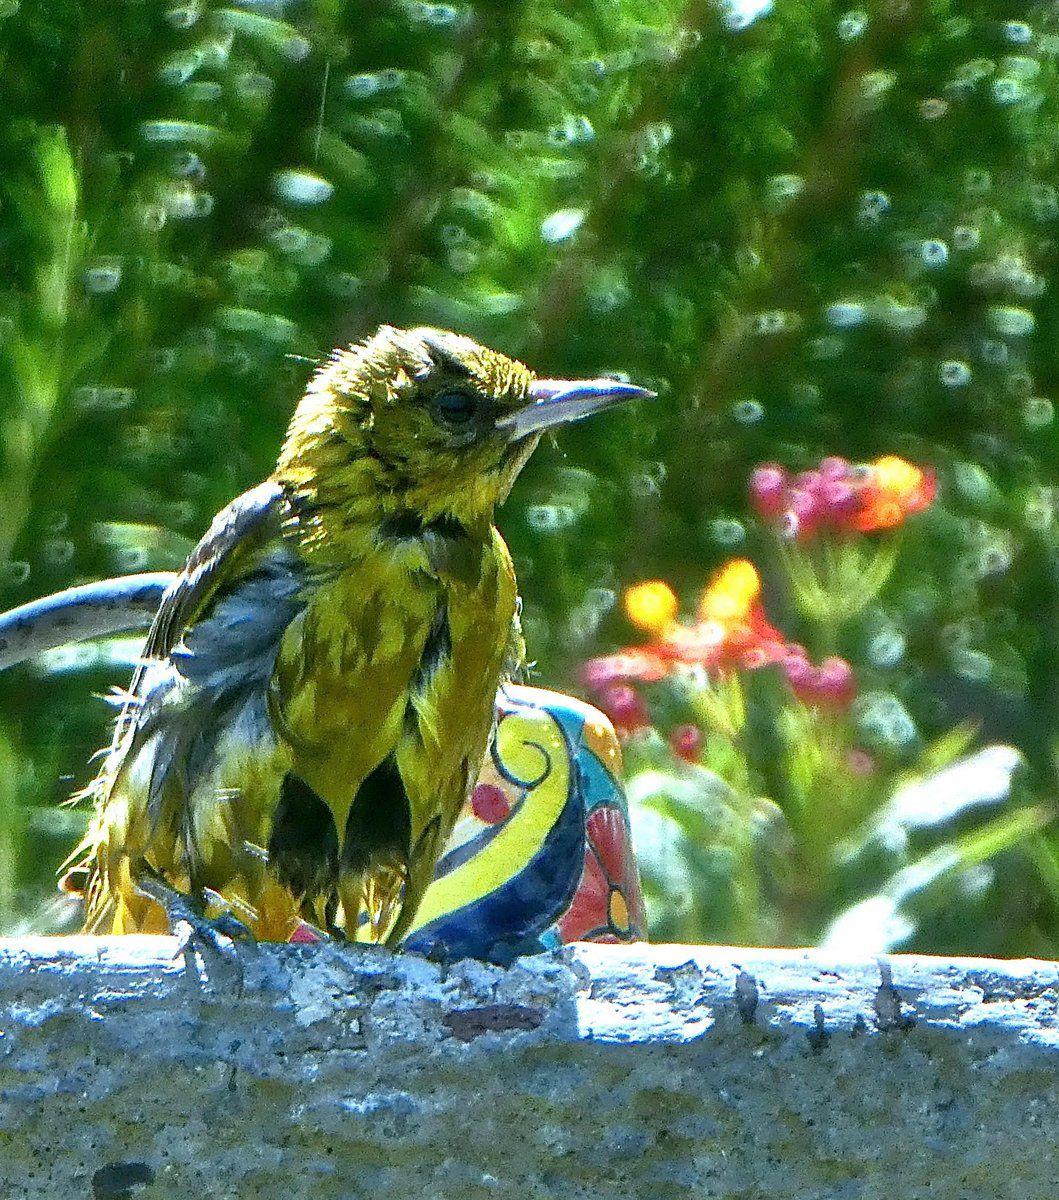 bird bath 1 sandy driscol.jpg